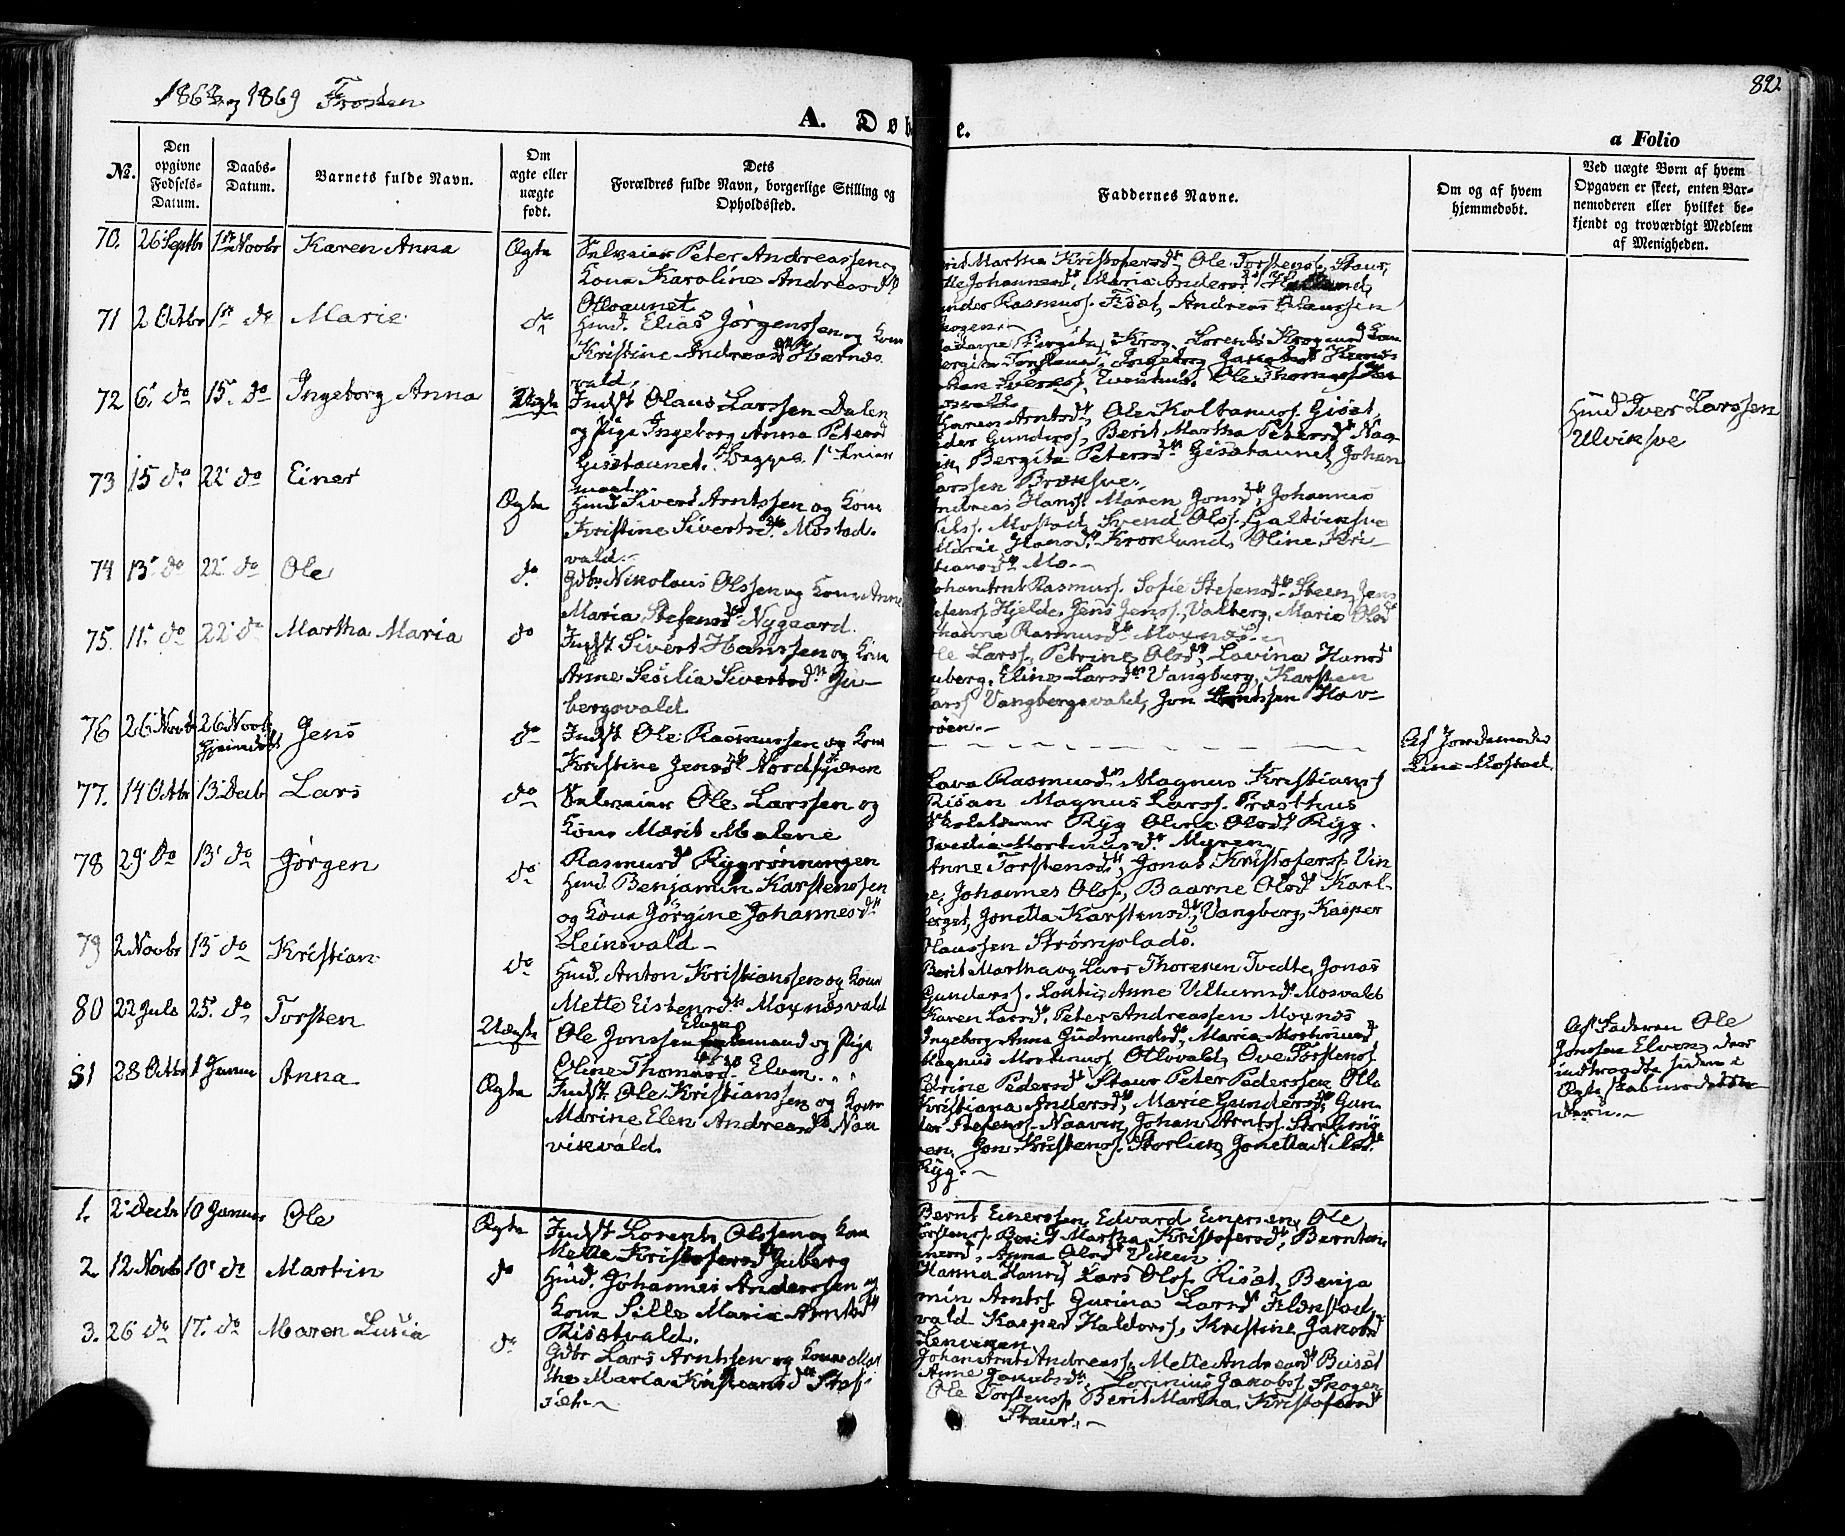 SAT, Ministerialprotokoller, klokkerbøker og fødselsregistre - Nord-Trøndelag, 713/L0116: Ministerialbok nr. 713A07 /1, 1850-1877, s. 82